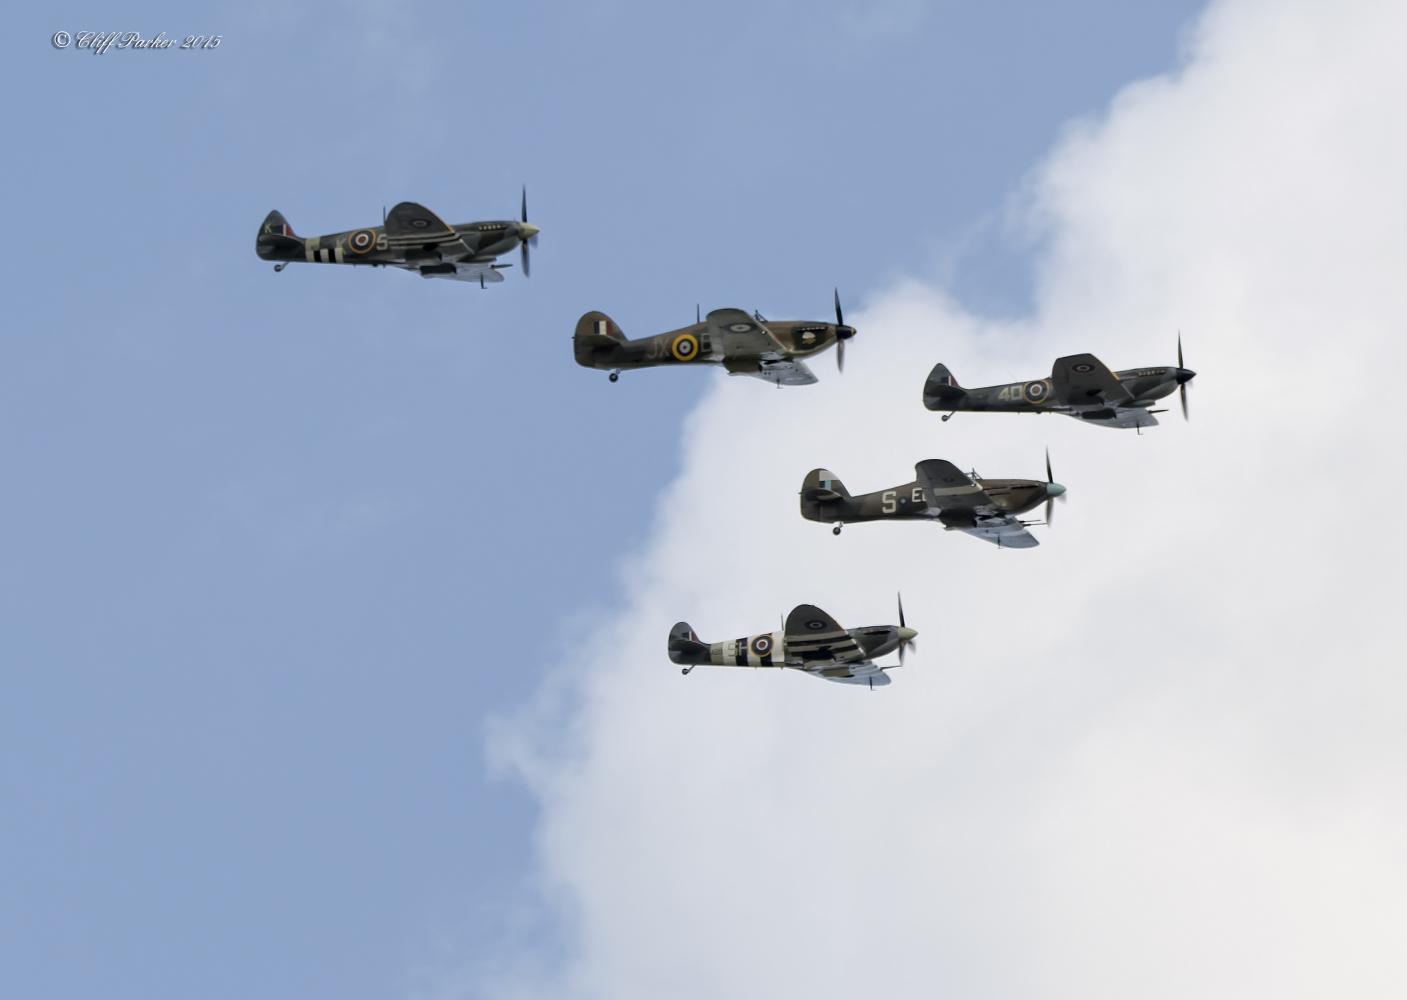 Taken at Duxford 75 September 2015